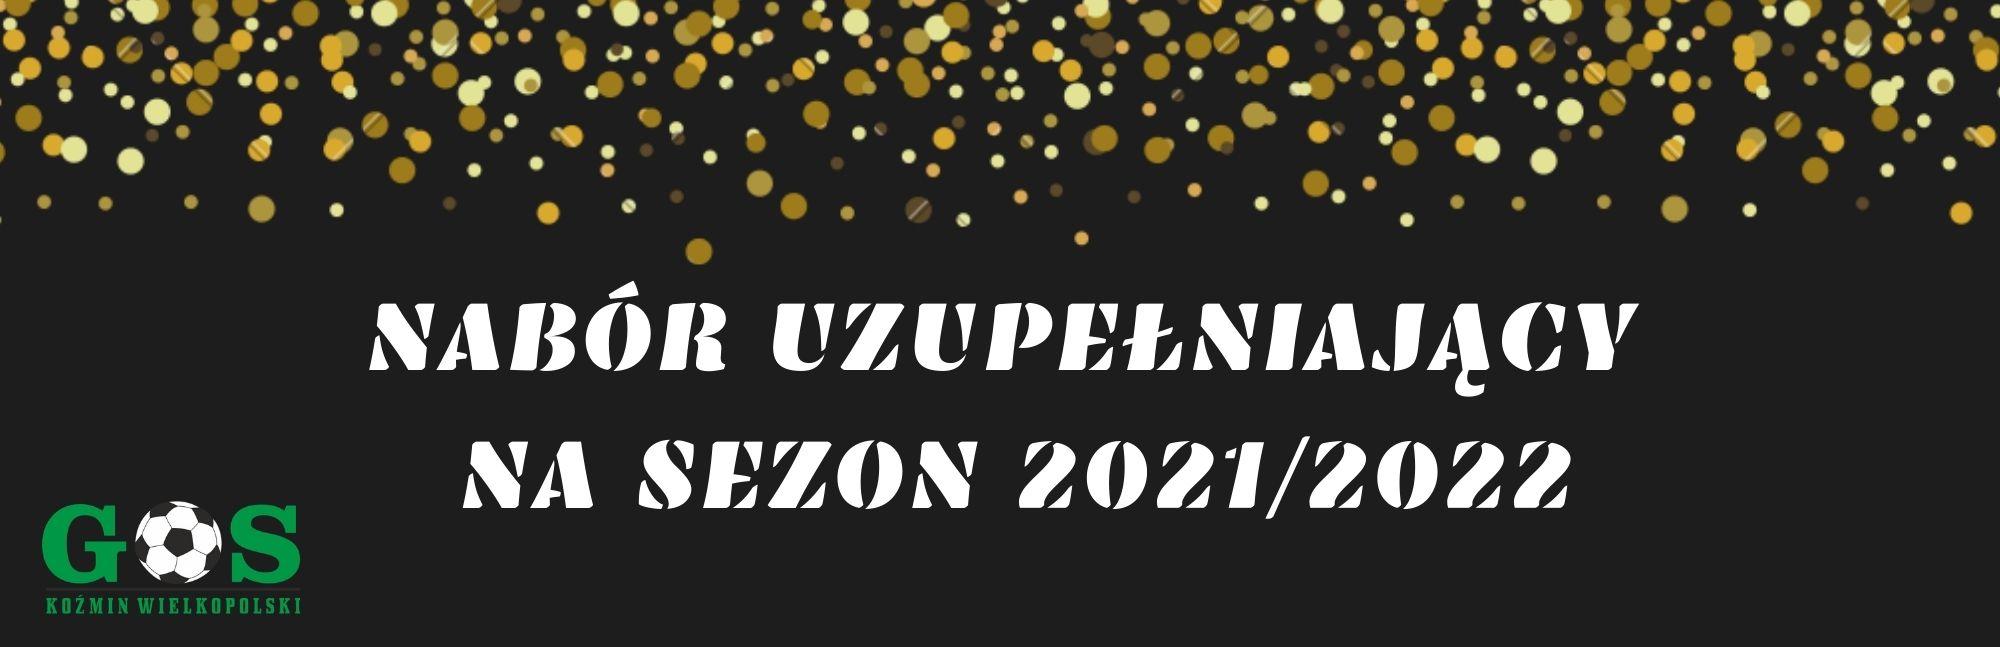 NABÓR UZUPEŁNIAJĄCY NA SEZON 20212022